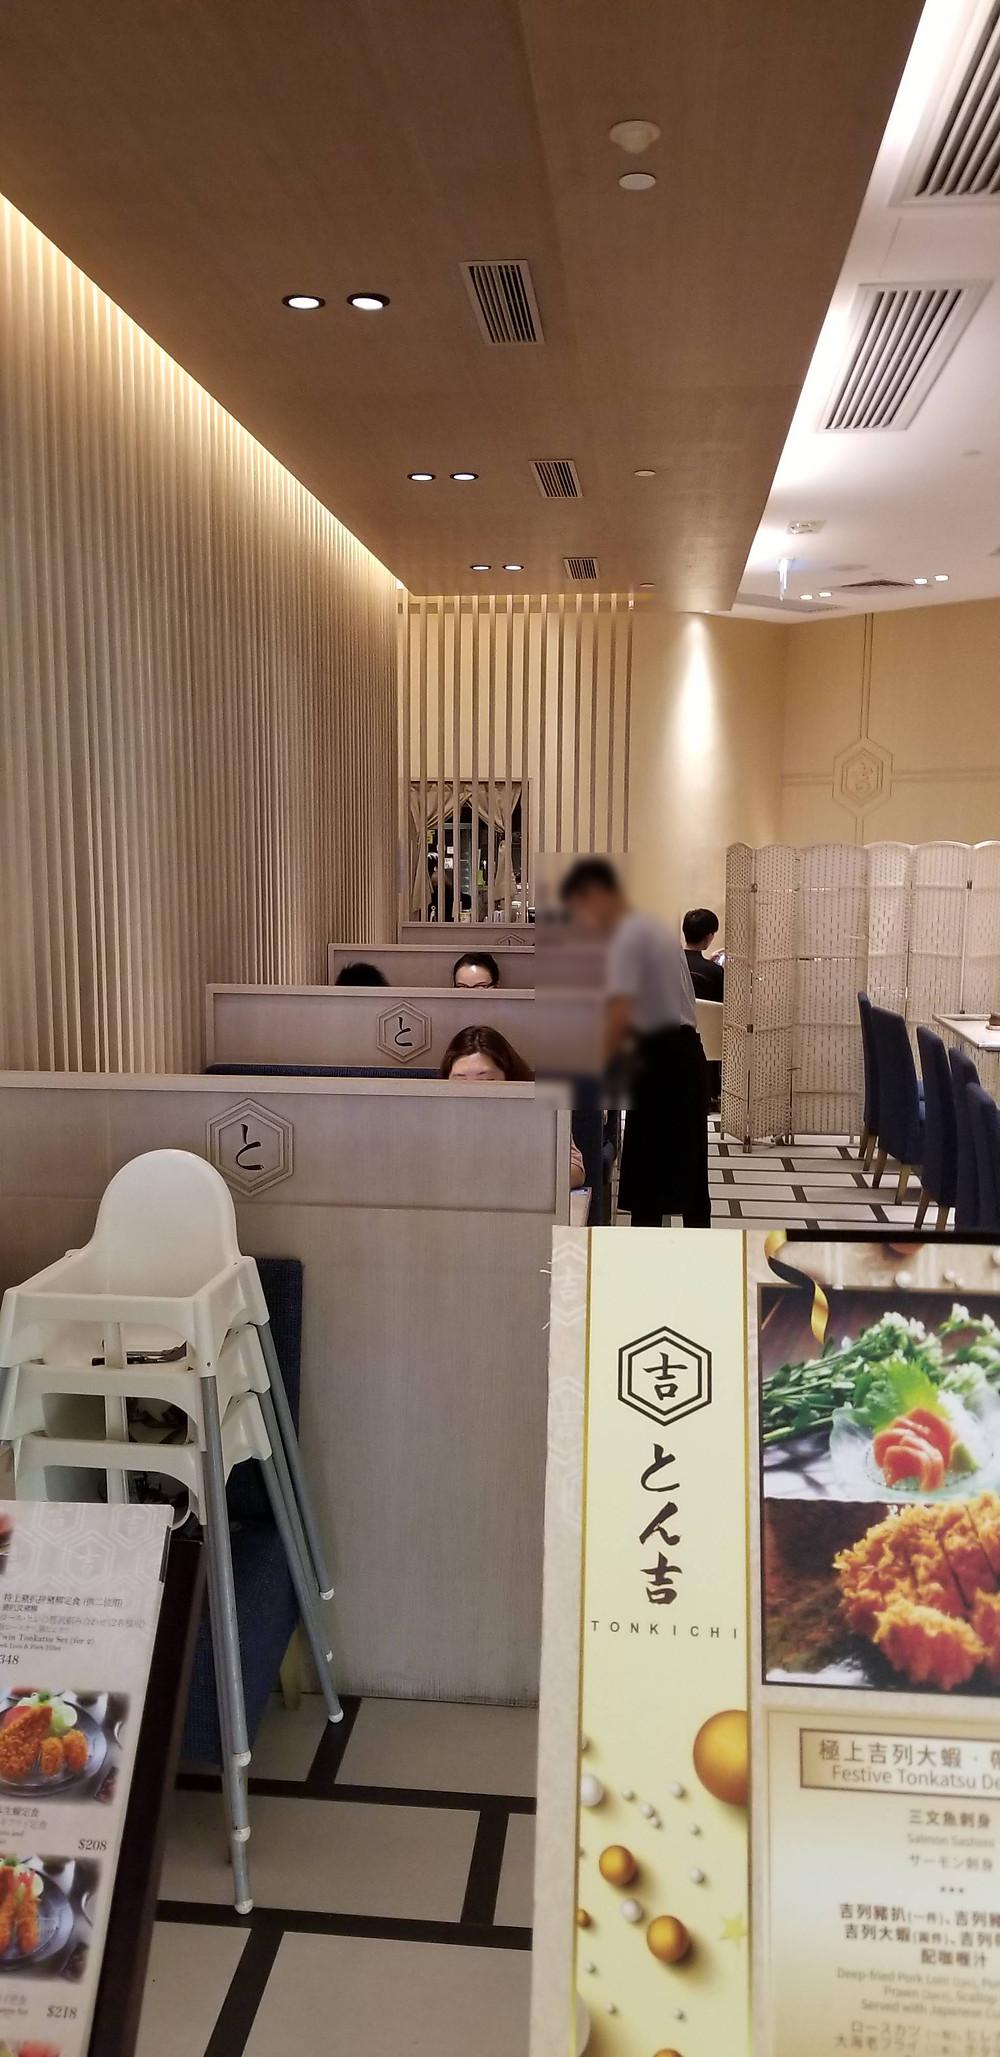 lighting project Tonkichi restaurant yuen long hong kong